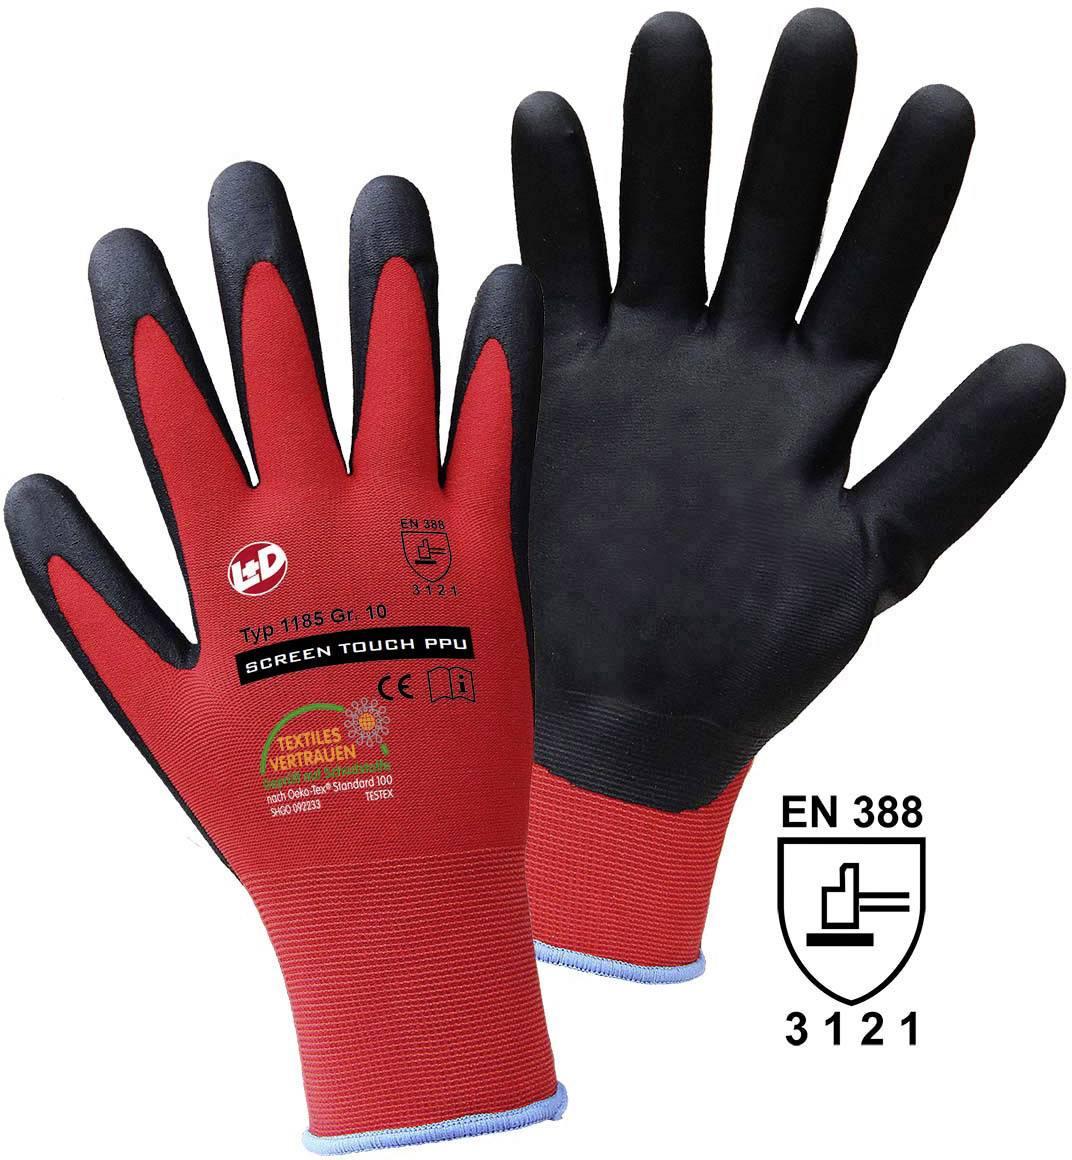 Pracovní rukavice Griffy SCREEN TOUCH PPU 1185, velikost rukavic: 11, XXL